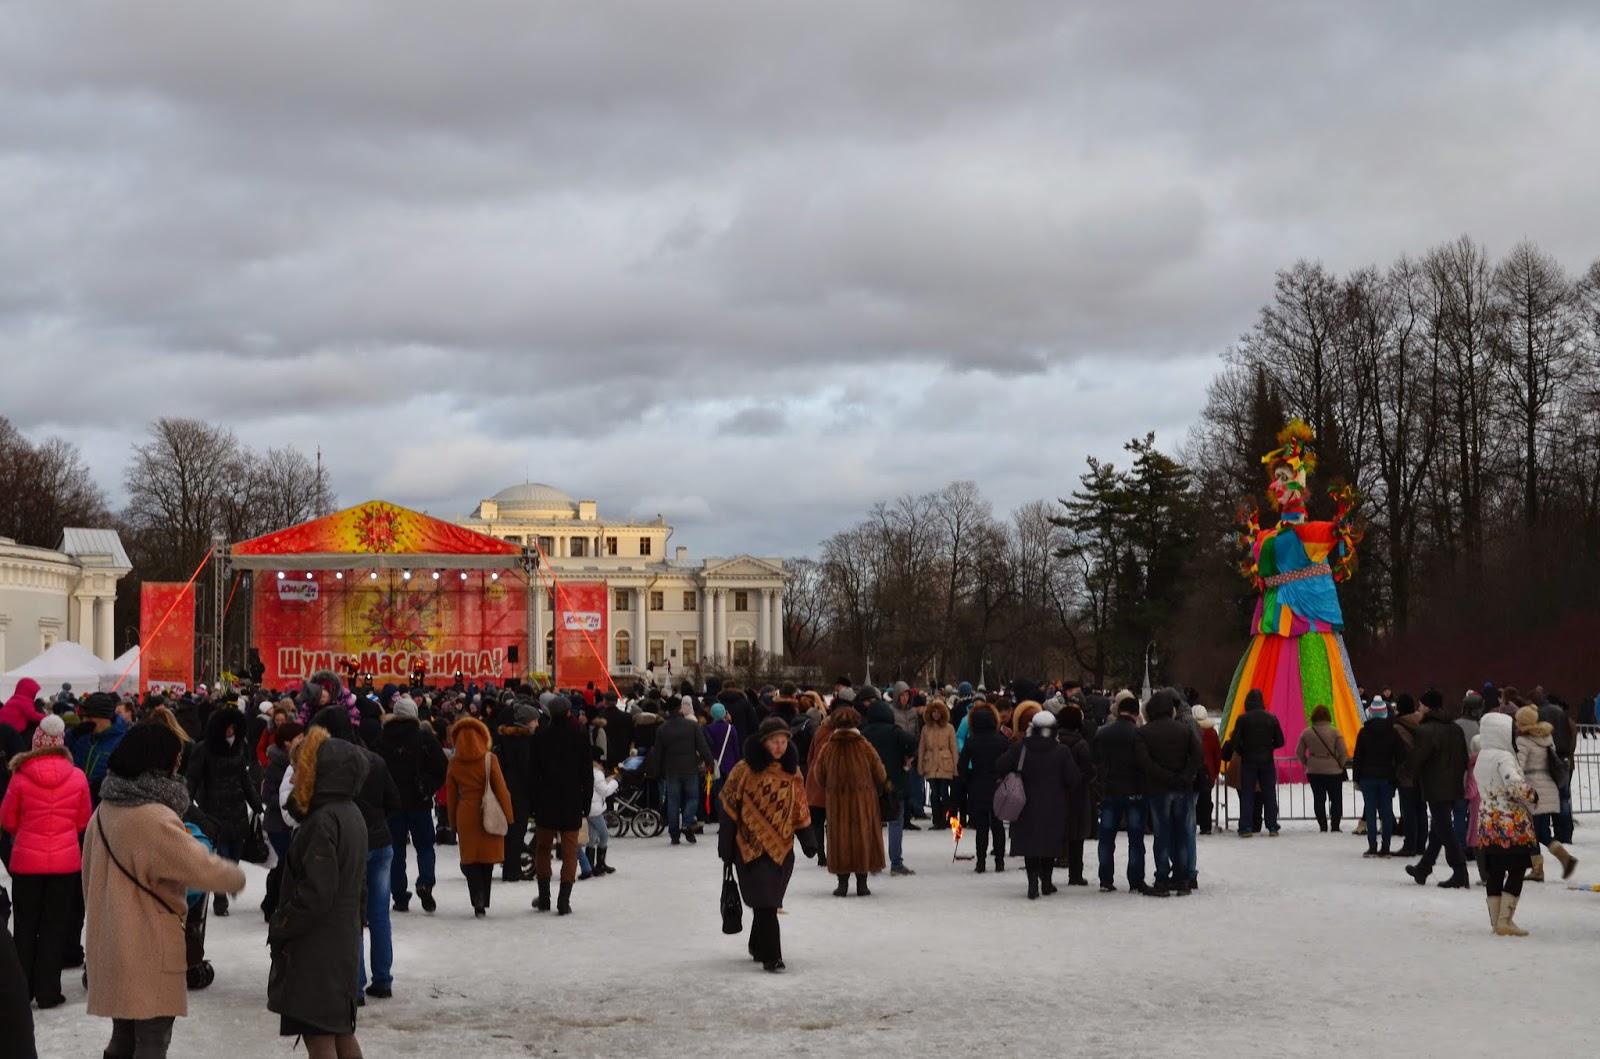 Встречаем весну: где отметить Масленицу 2018 в Санкт-Петербурге?